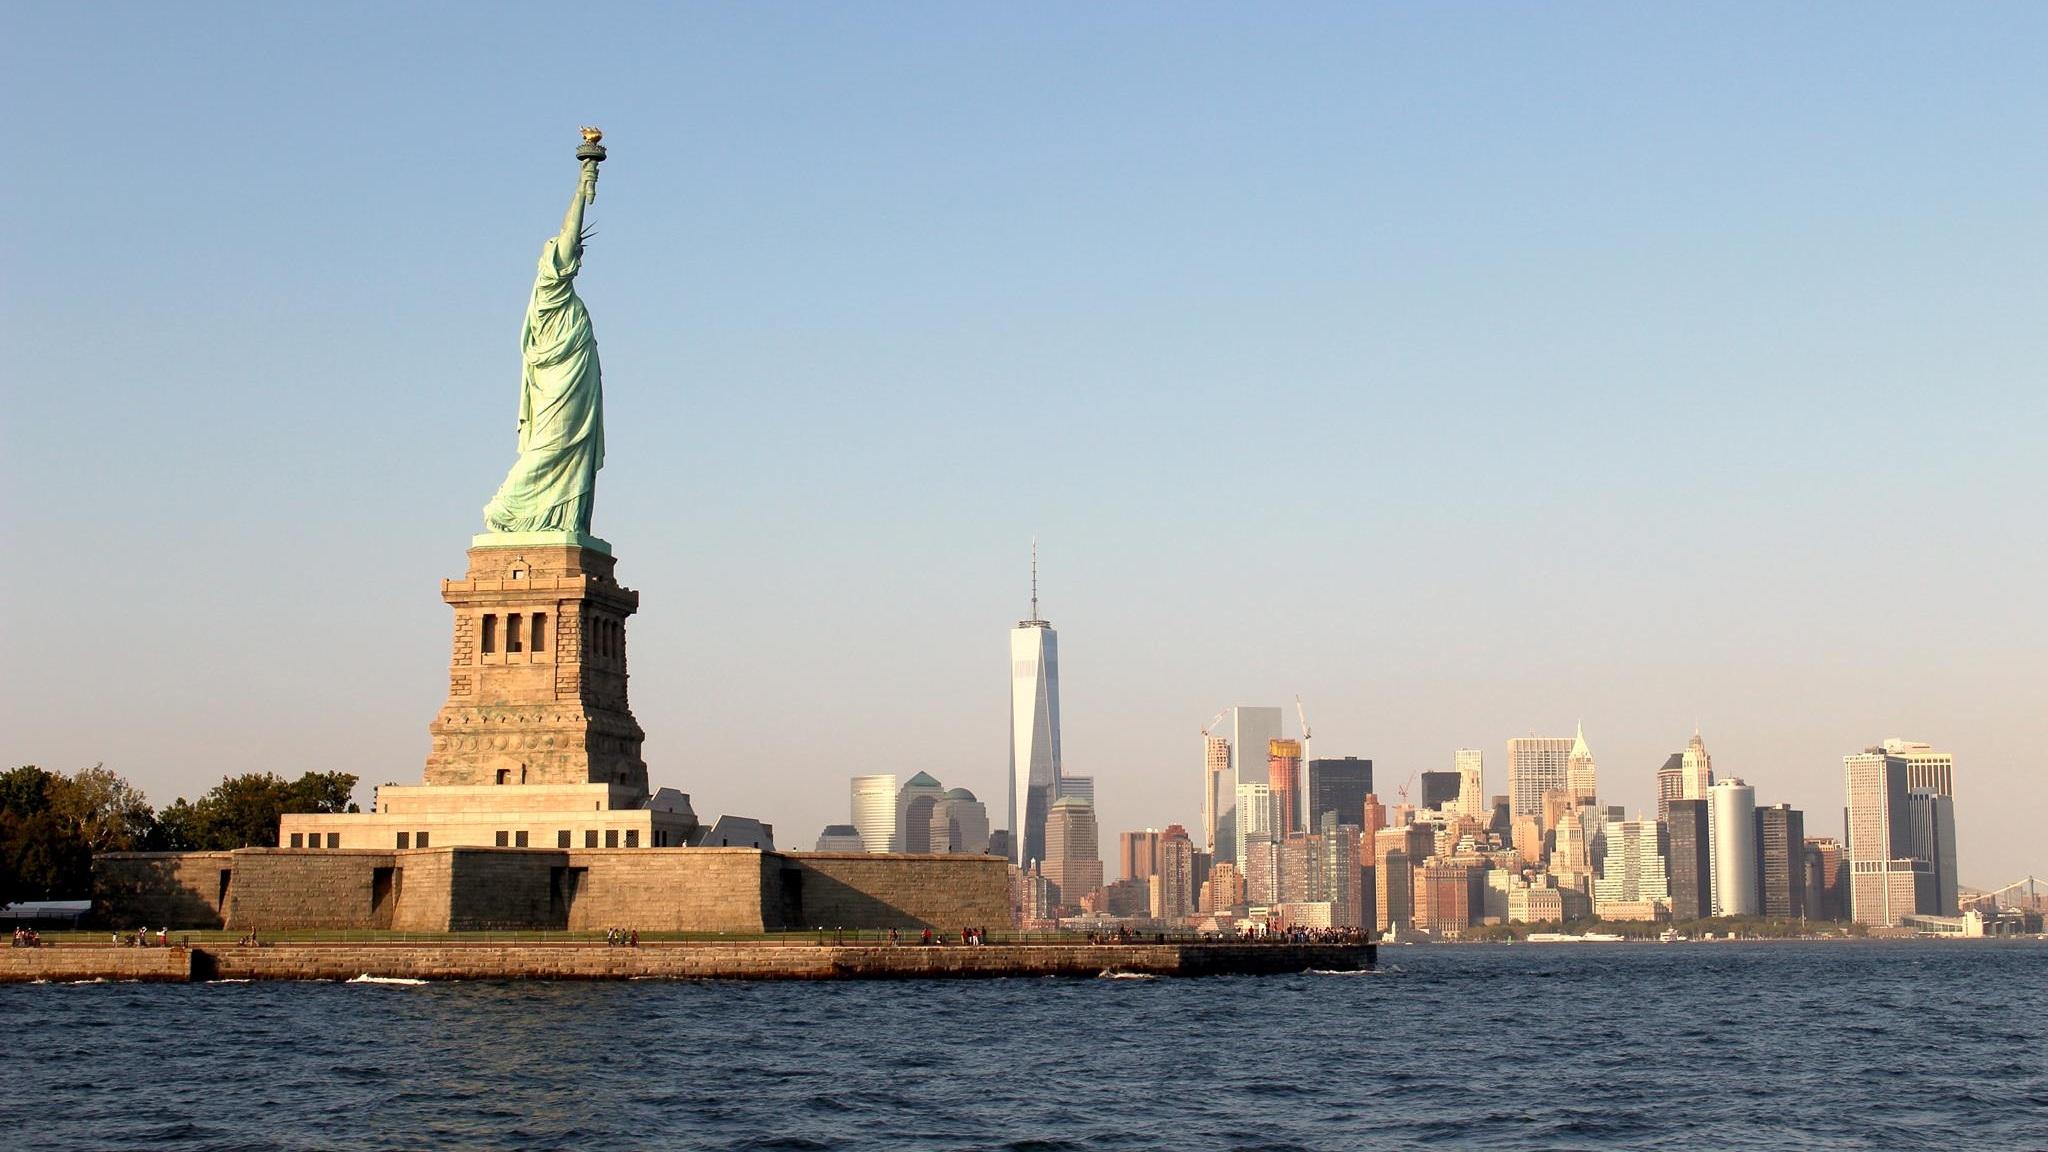 Frihetsgudinnan mäktig staty på Liberty Island - Ett annat av stadens kännetecken är den totalt 93 meter höga och minst sagt mäktiga statyn av frihetsgudinnan. Statyn ligger på Liberty island vid Hudsonfloden och besöks årligen av miljontals människor. Bestämmer du dig för ett besök hit gäller det att sätta väckarklockan tidigt.